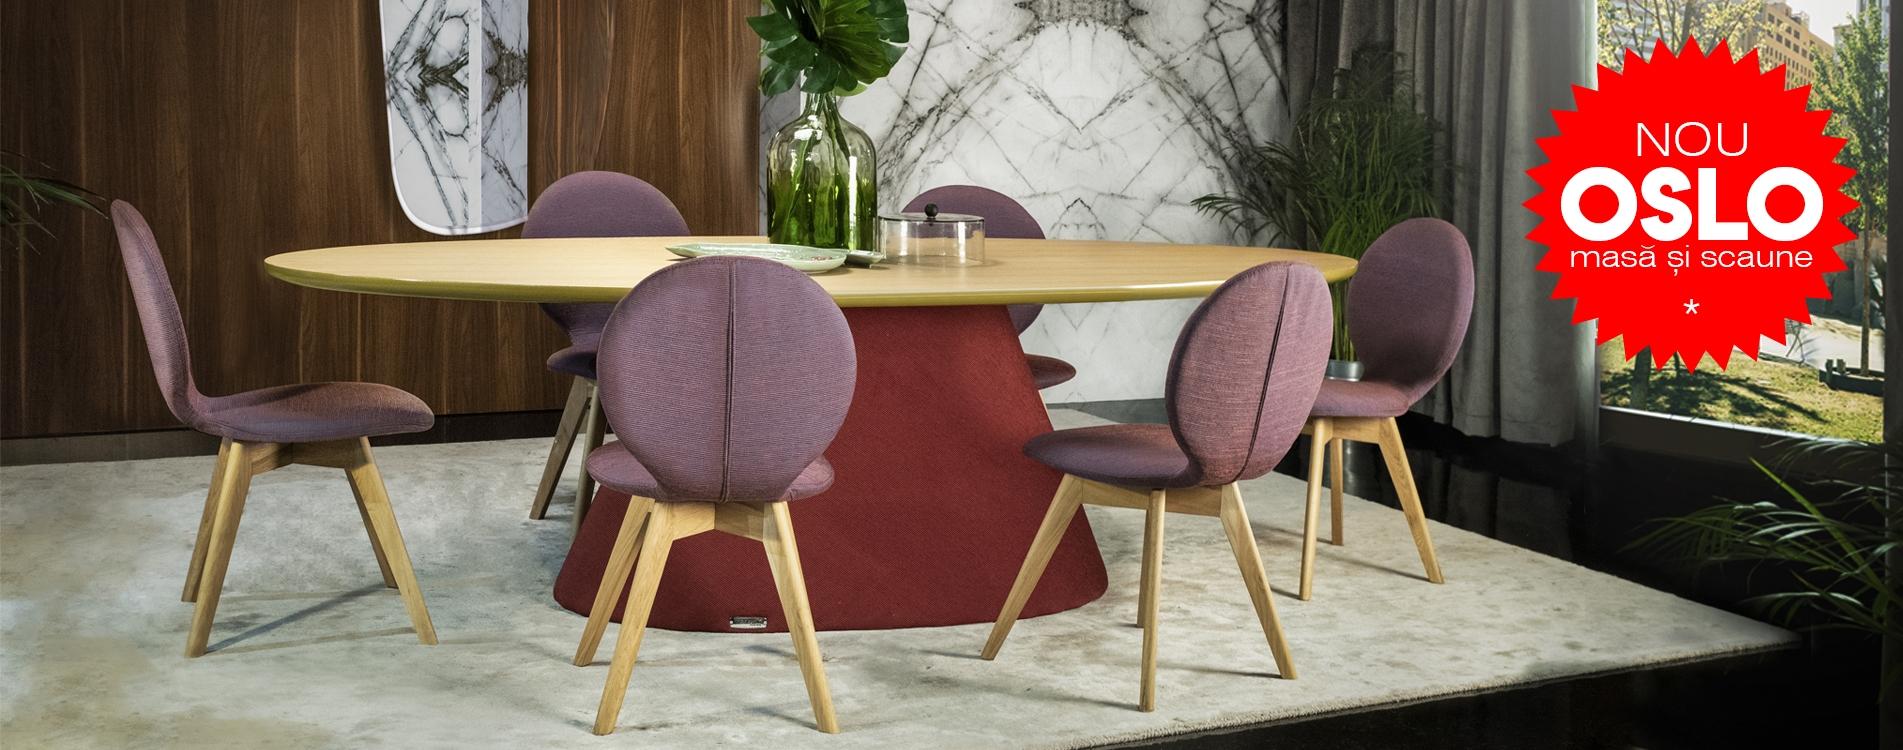 Oslo masă și scaun